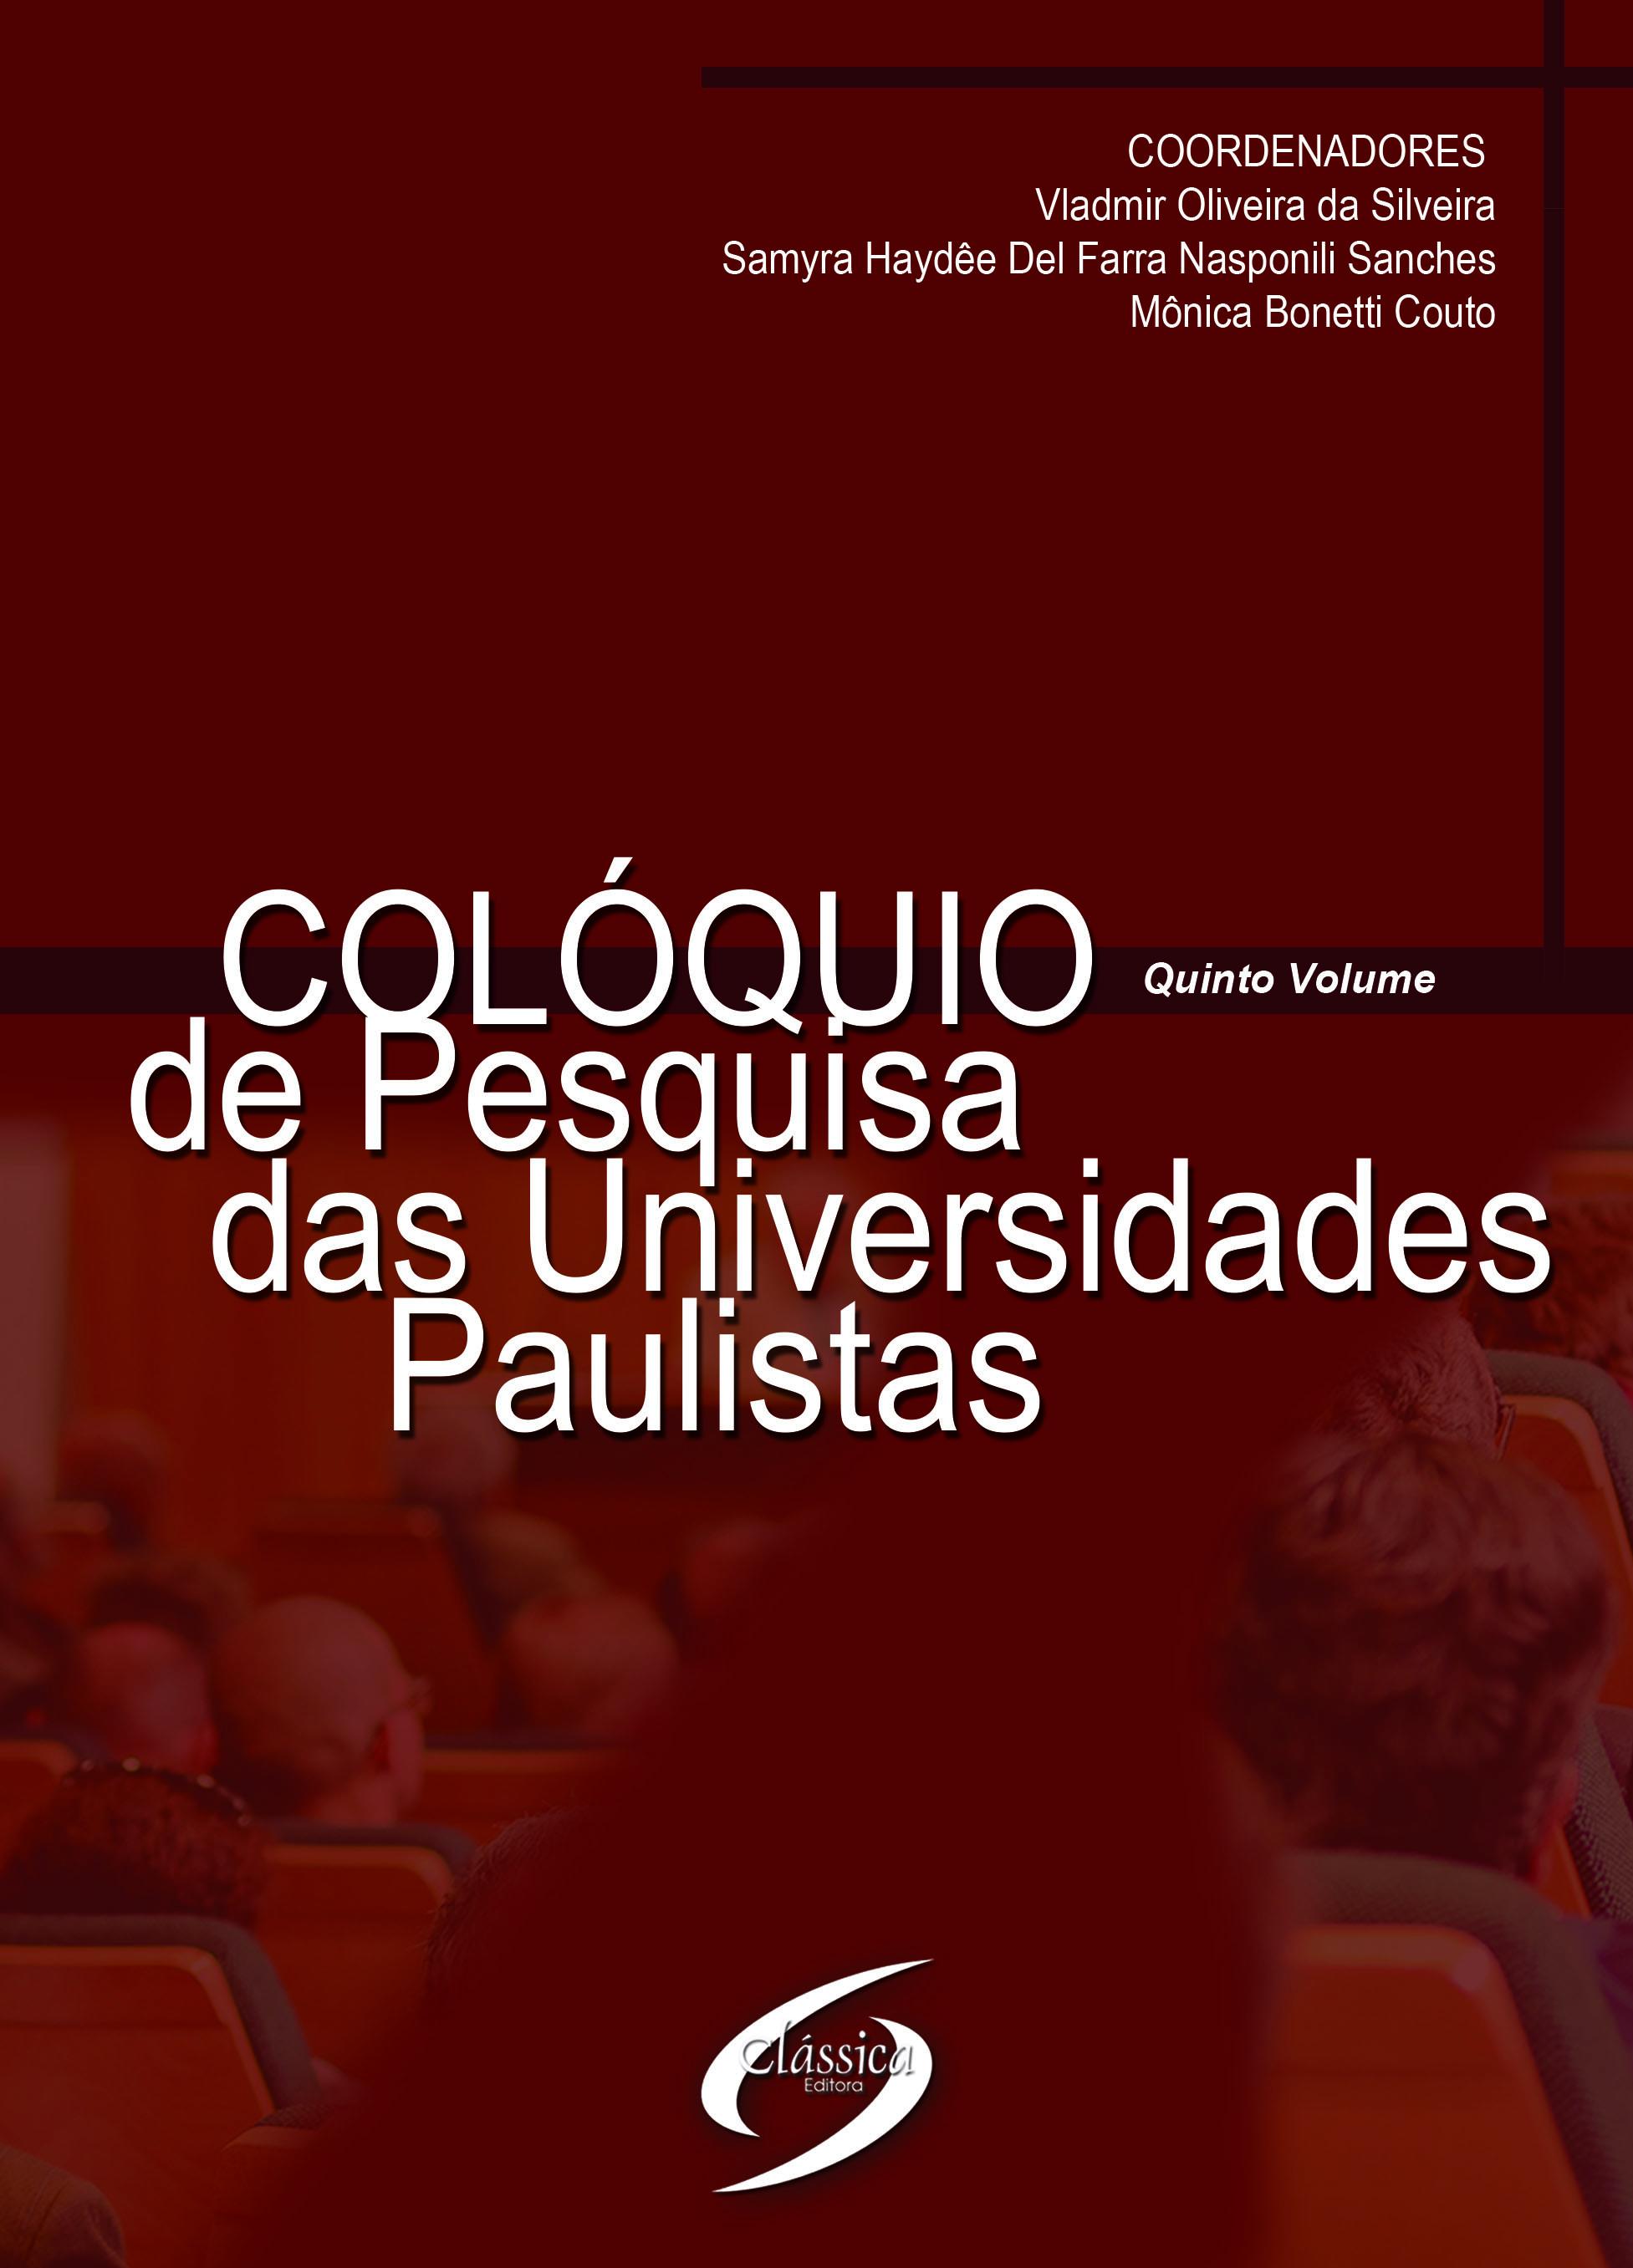 Colóquio de Pesquisa das Universidades Paulistas